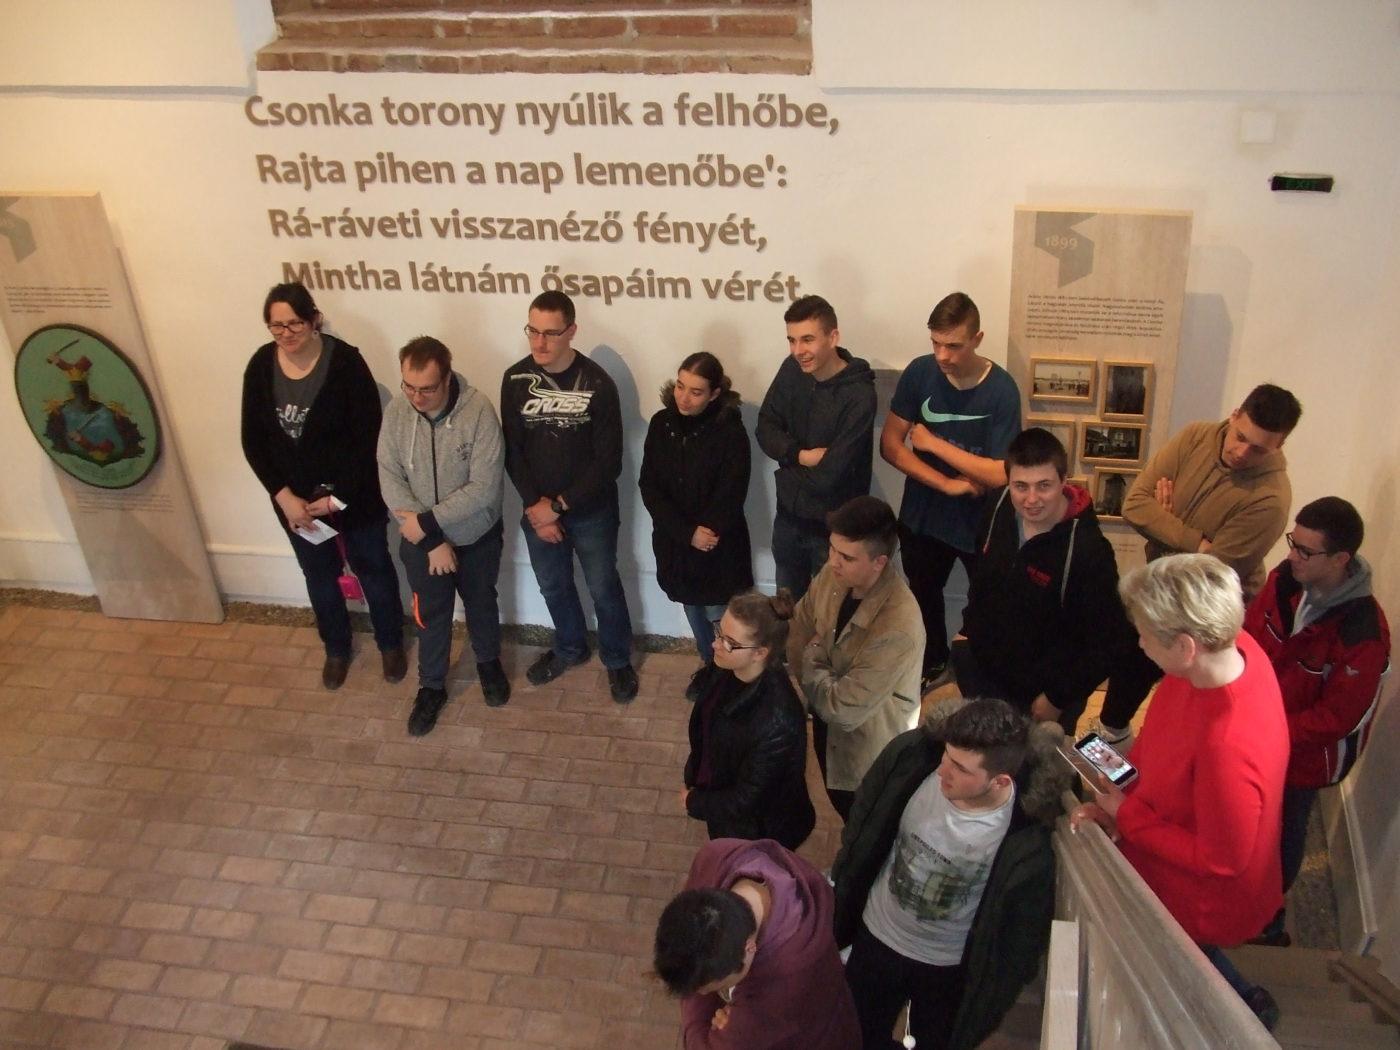 Szakmai és kulturális programok színesítették a látogatásokat